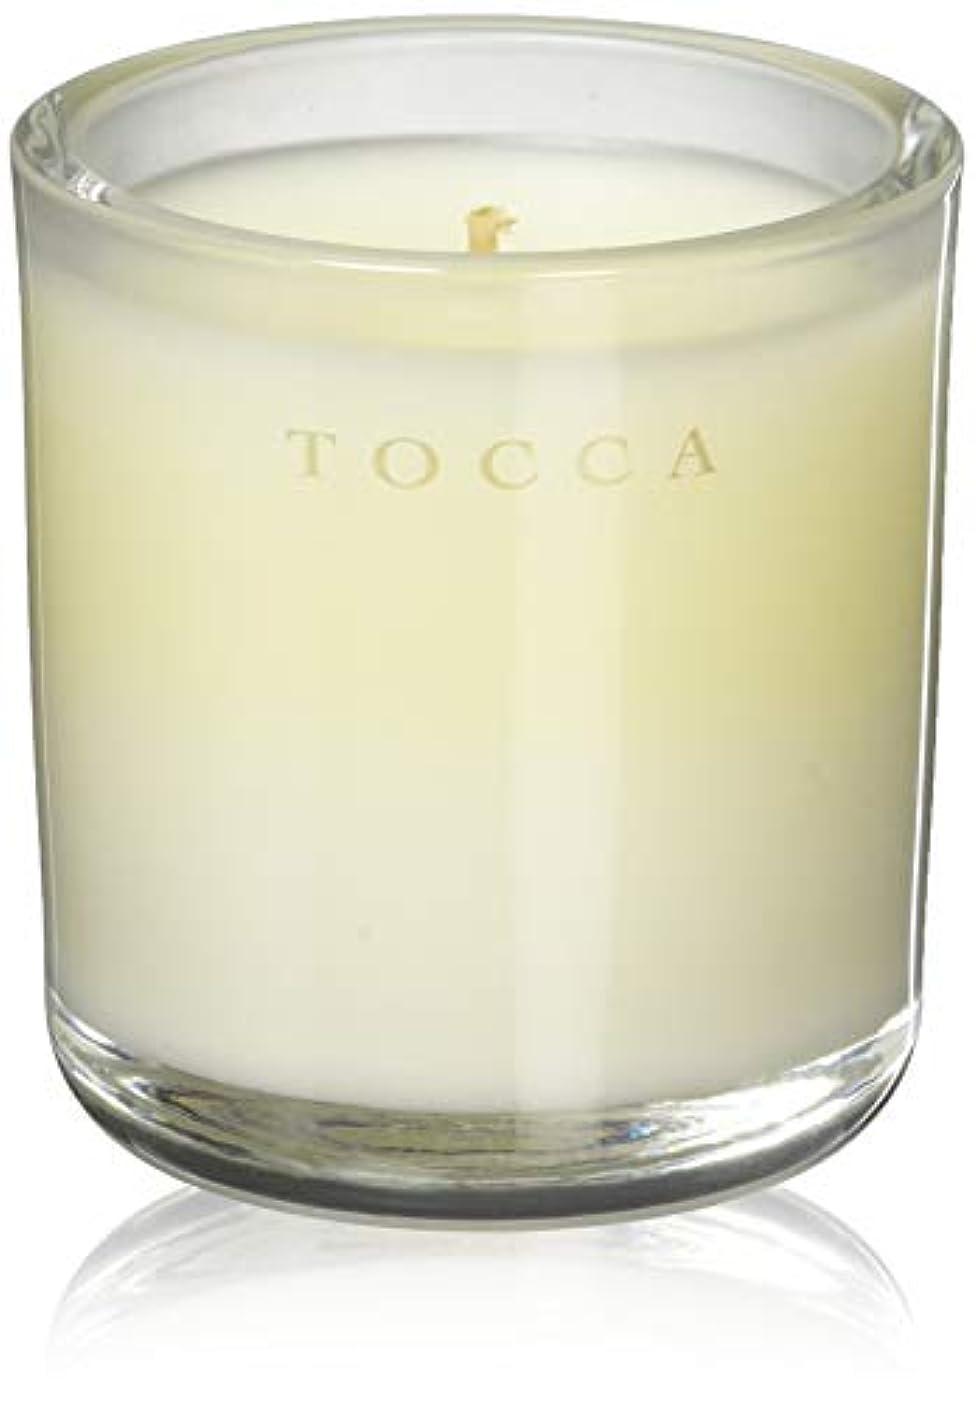 息を切らして疼痛本部TOCCA(トッカ) ボヤージュ キャンデリーナ マラケシュ 85g (ろうそく 芳香 パチュリとアンバーのスパイシーな香り)